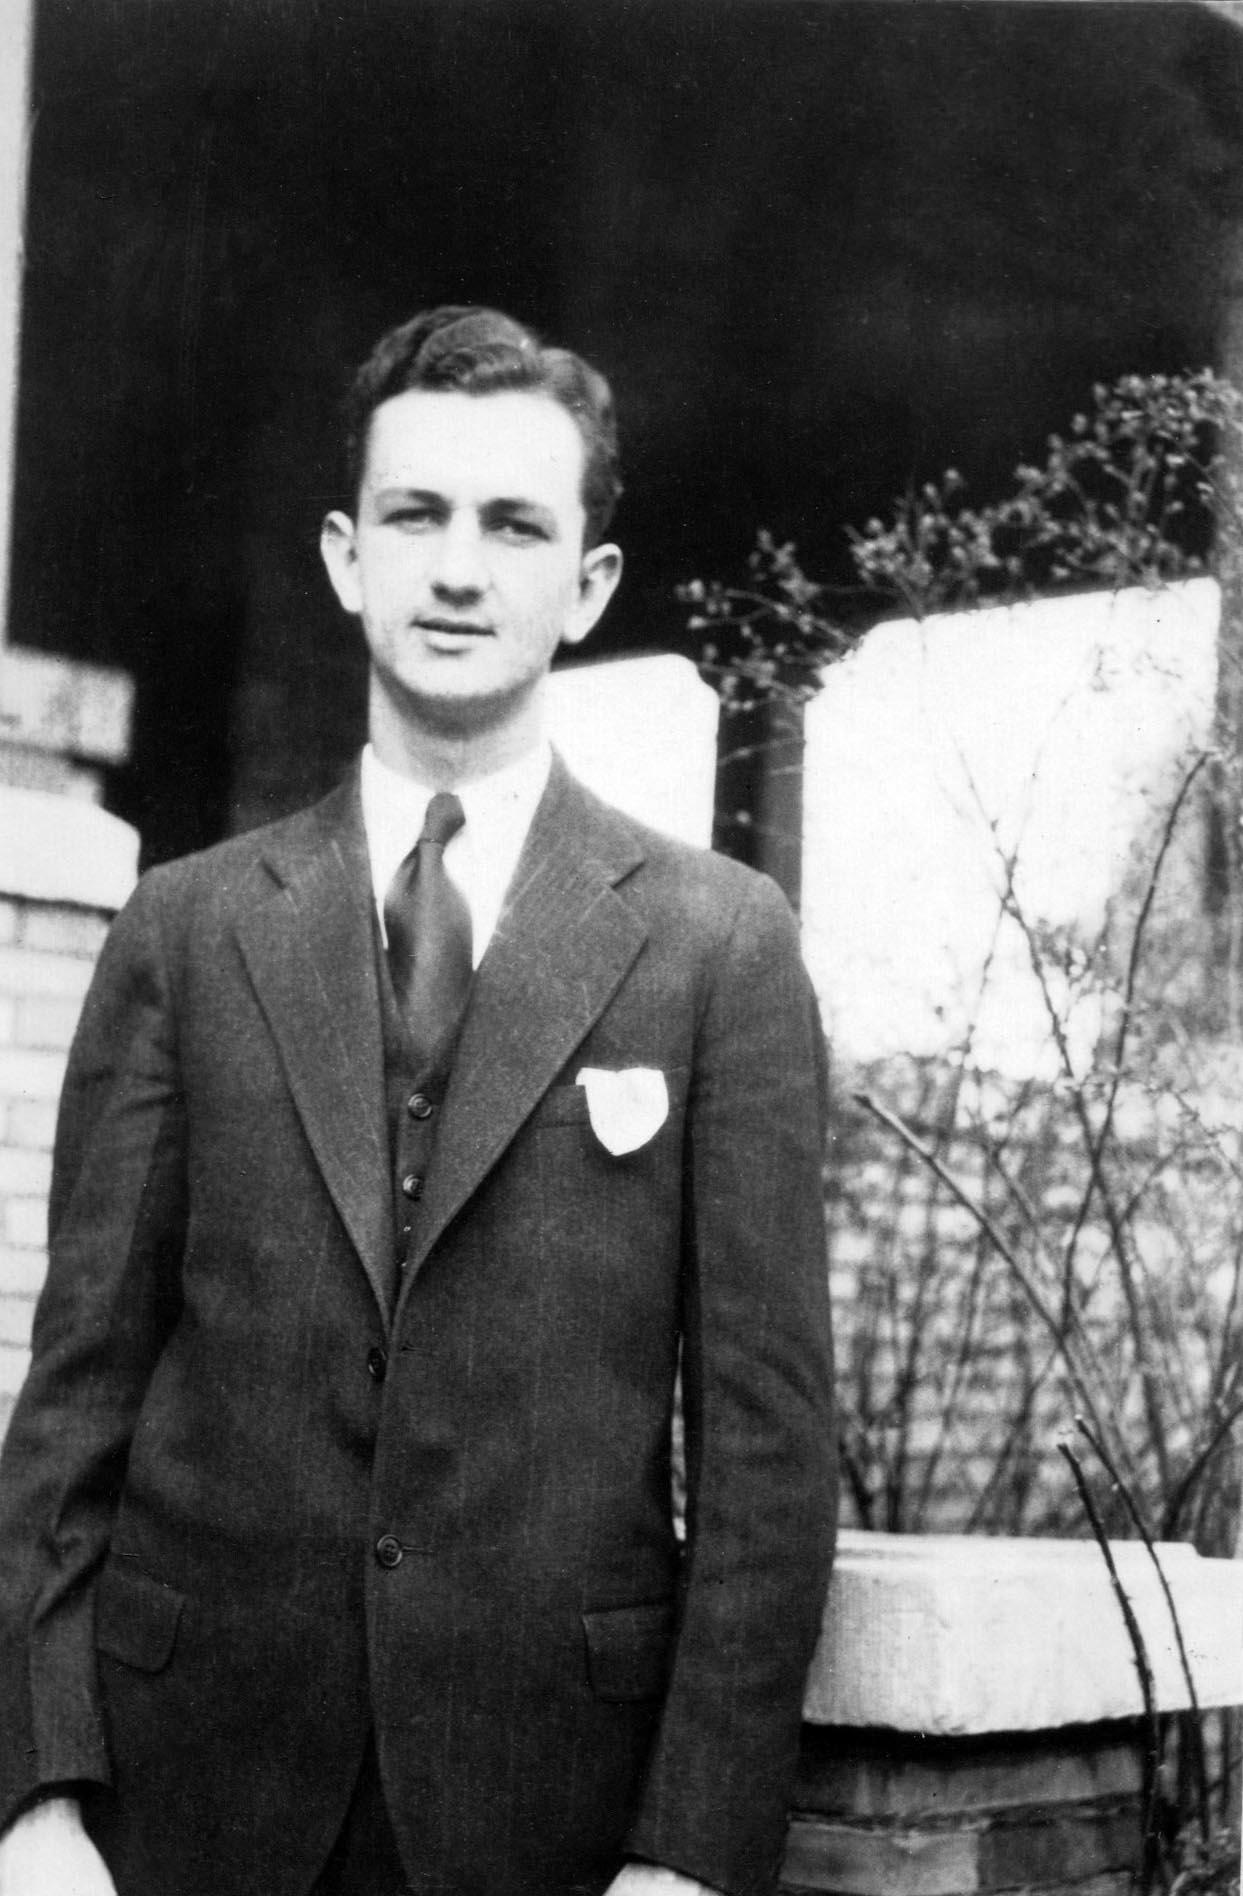 Guy W. Knight 1930